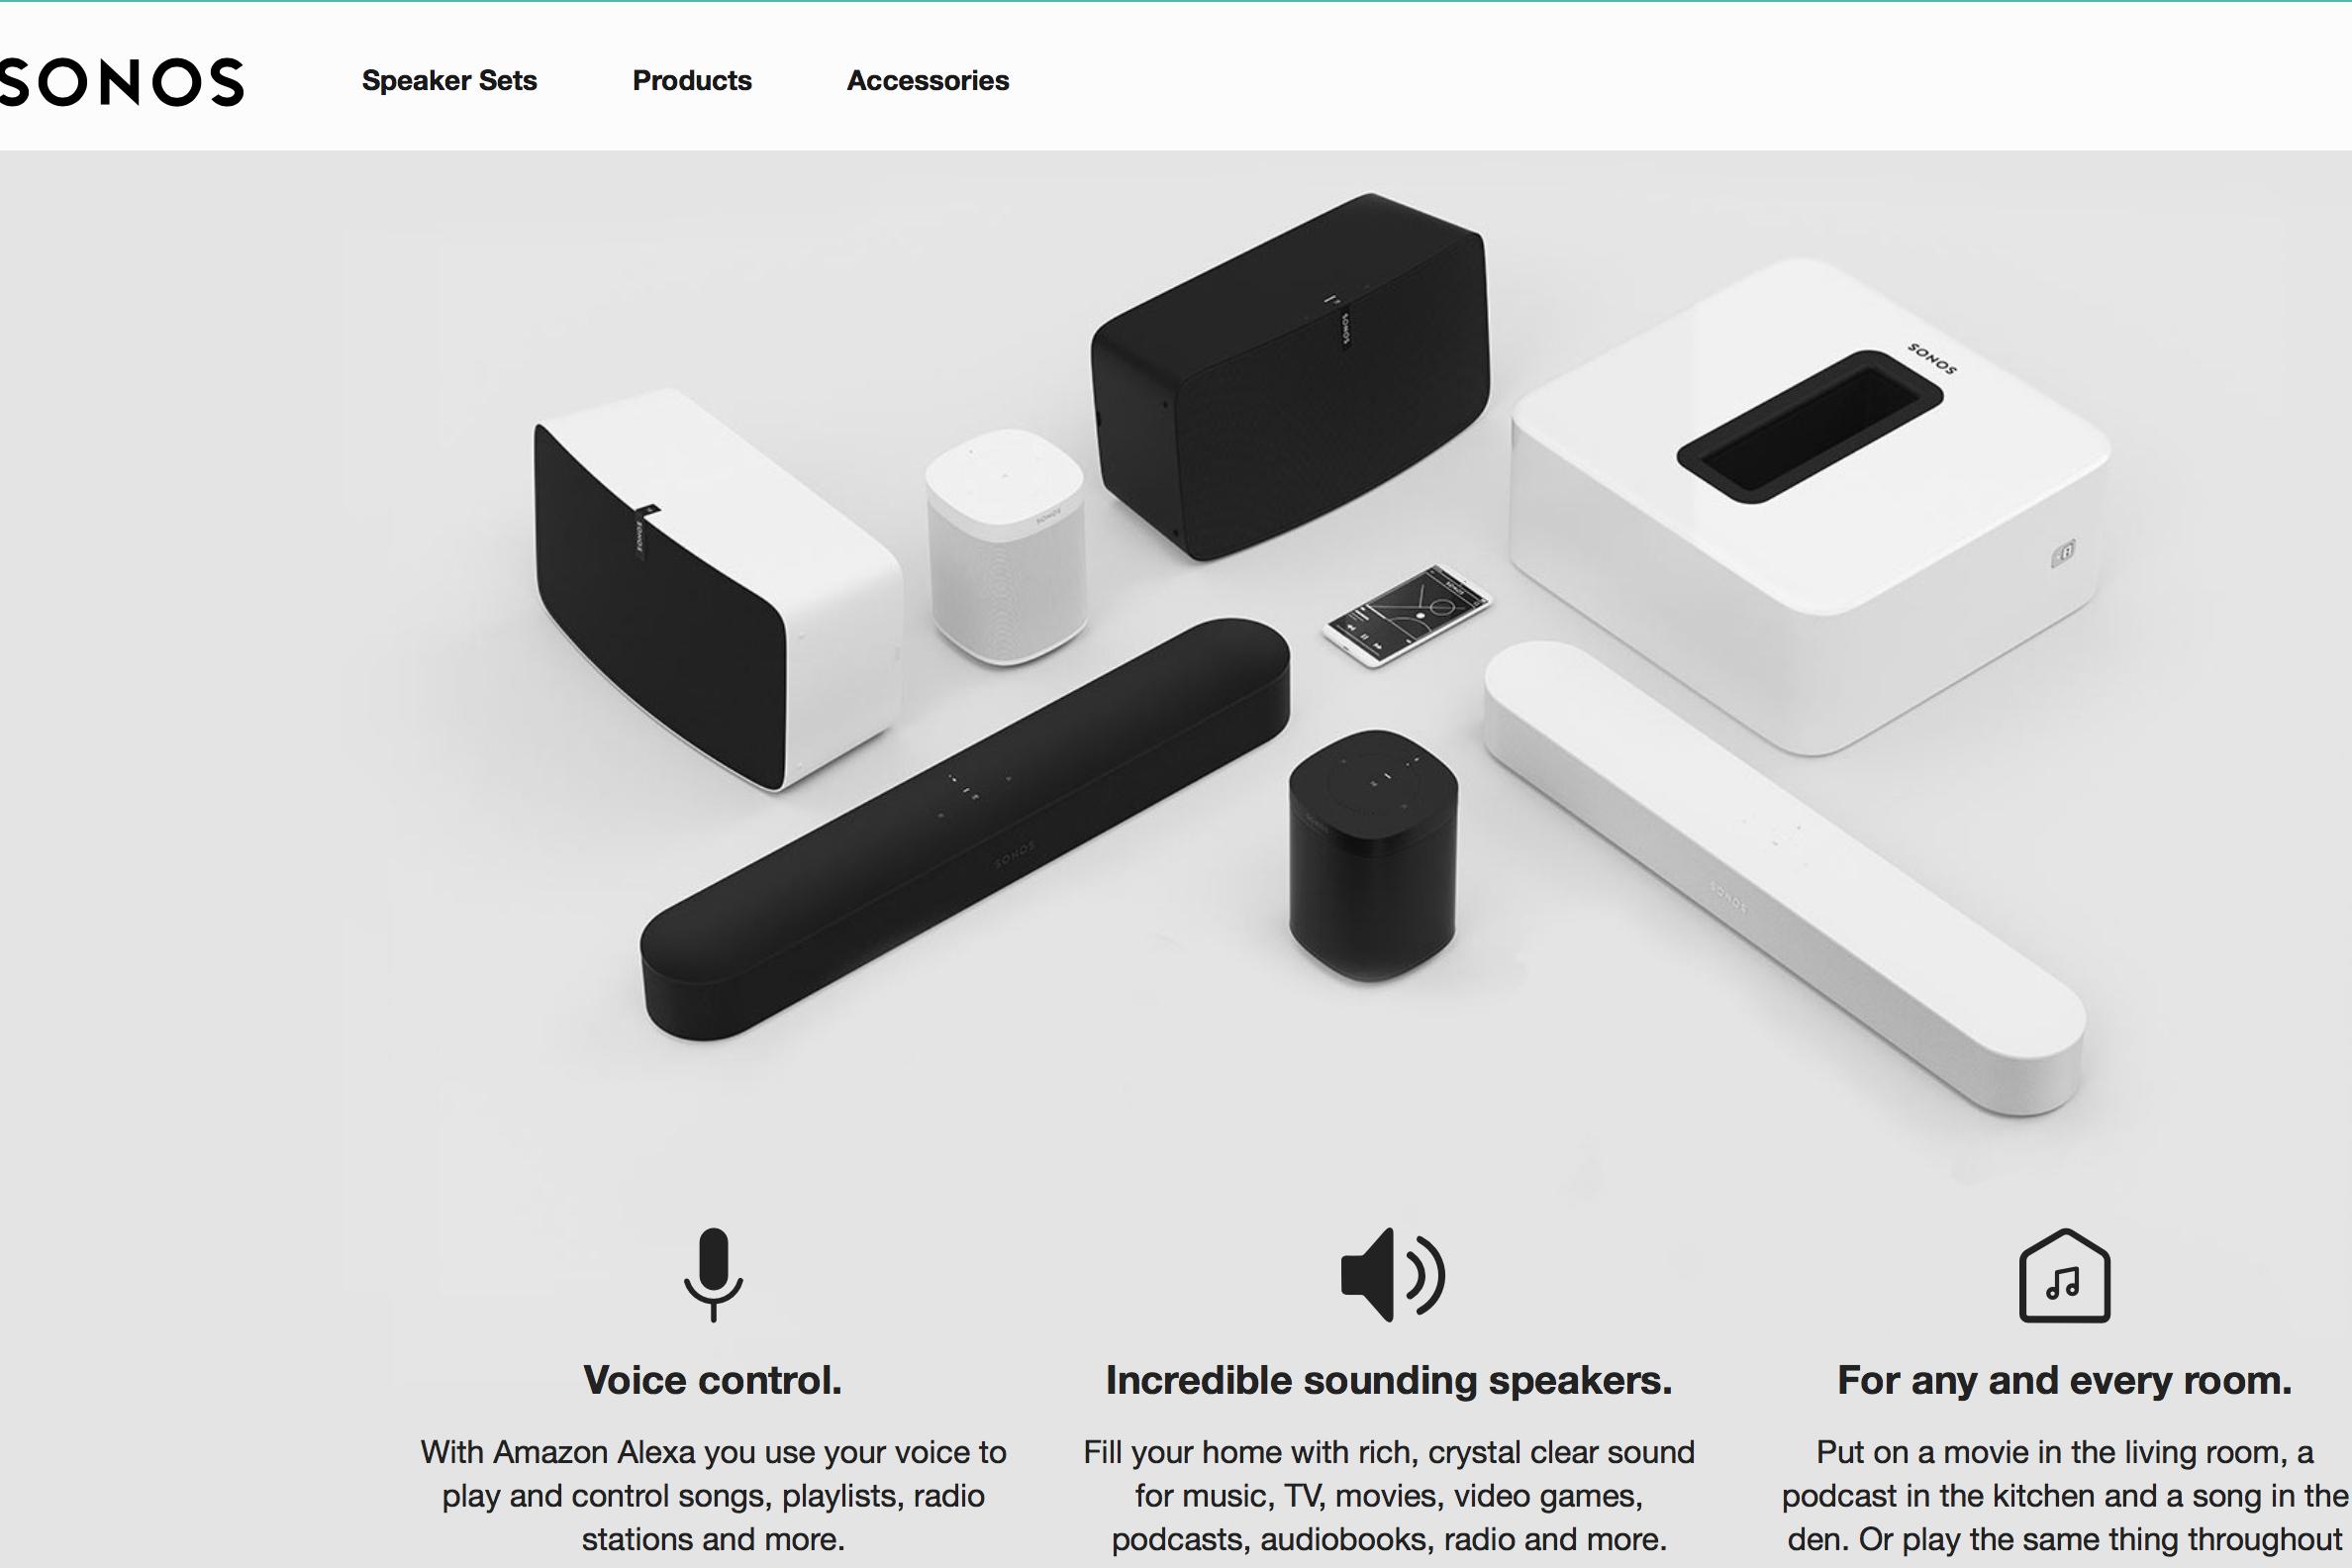 销售额近10亿美元的无线音箱制造商 Sonos 提交 IPO 申请,估值或高达30亿美元